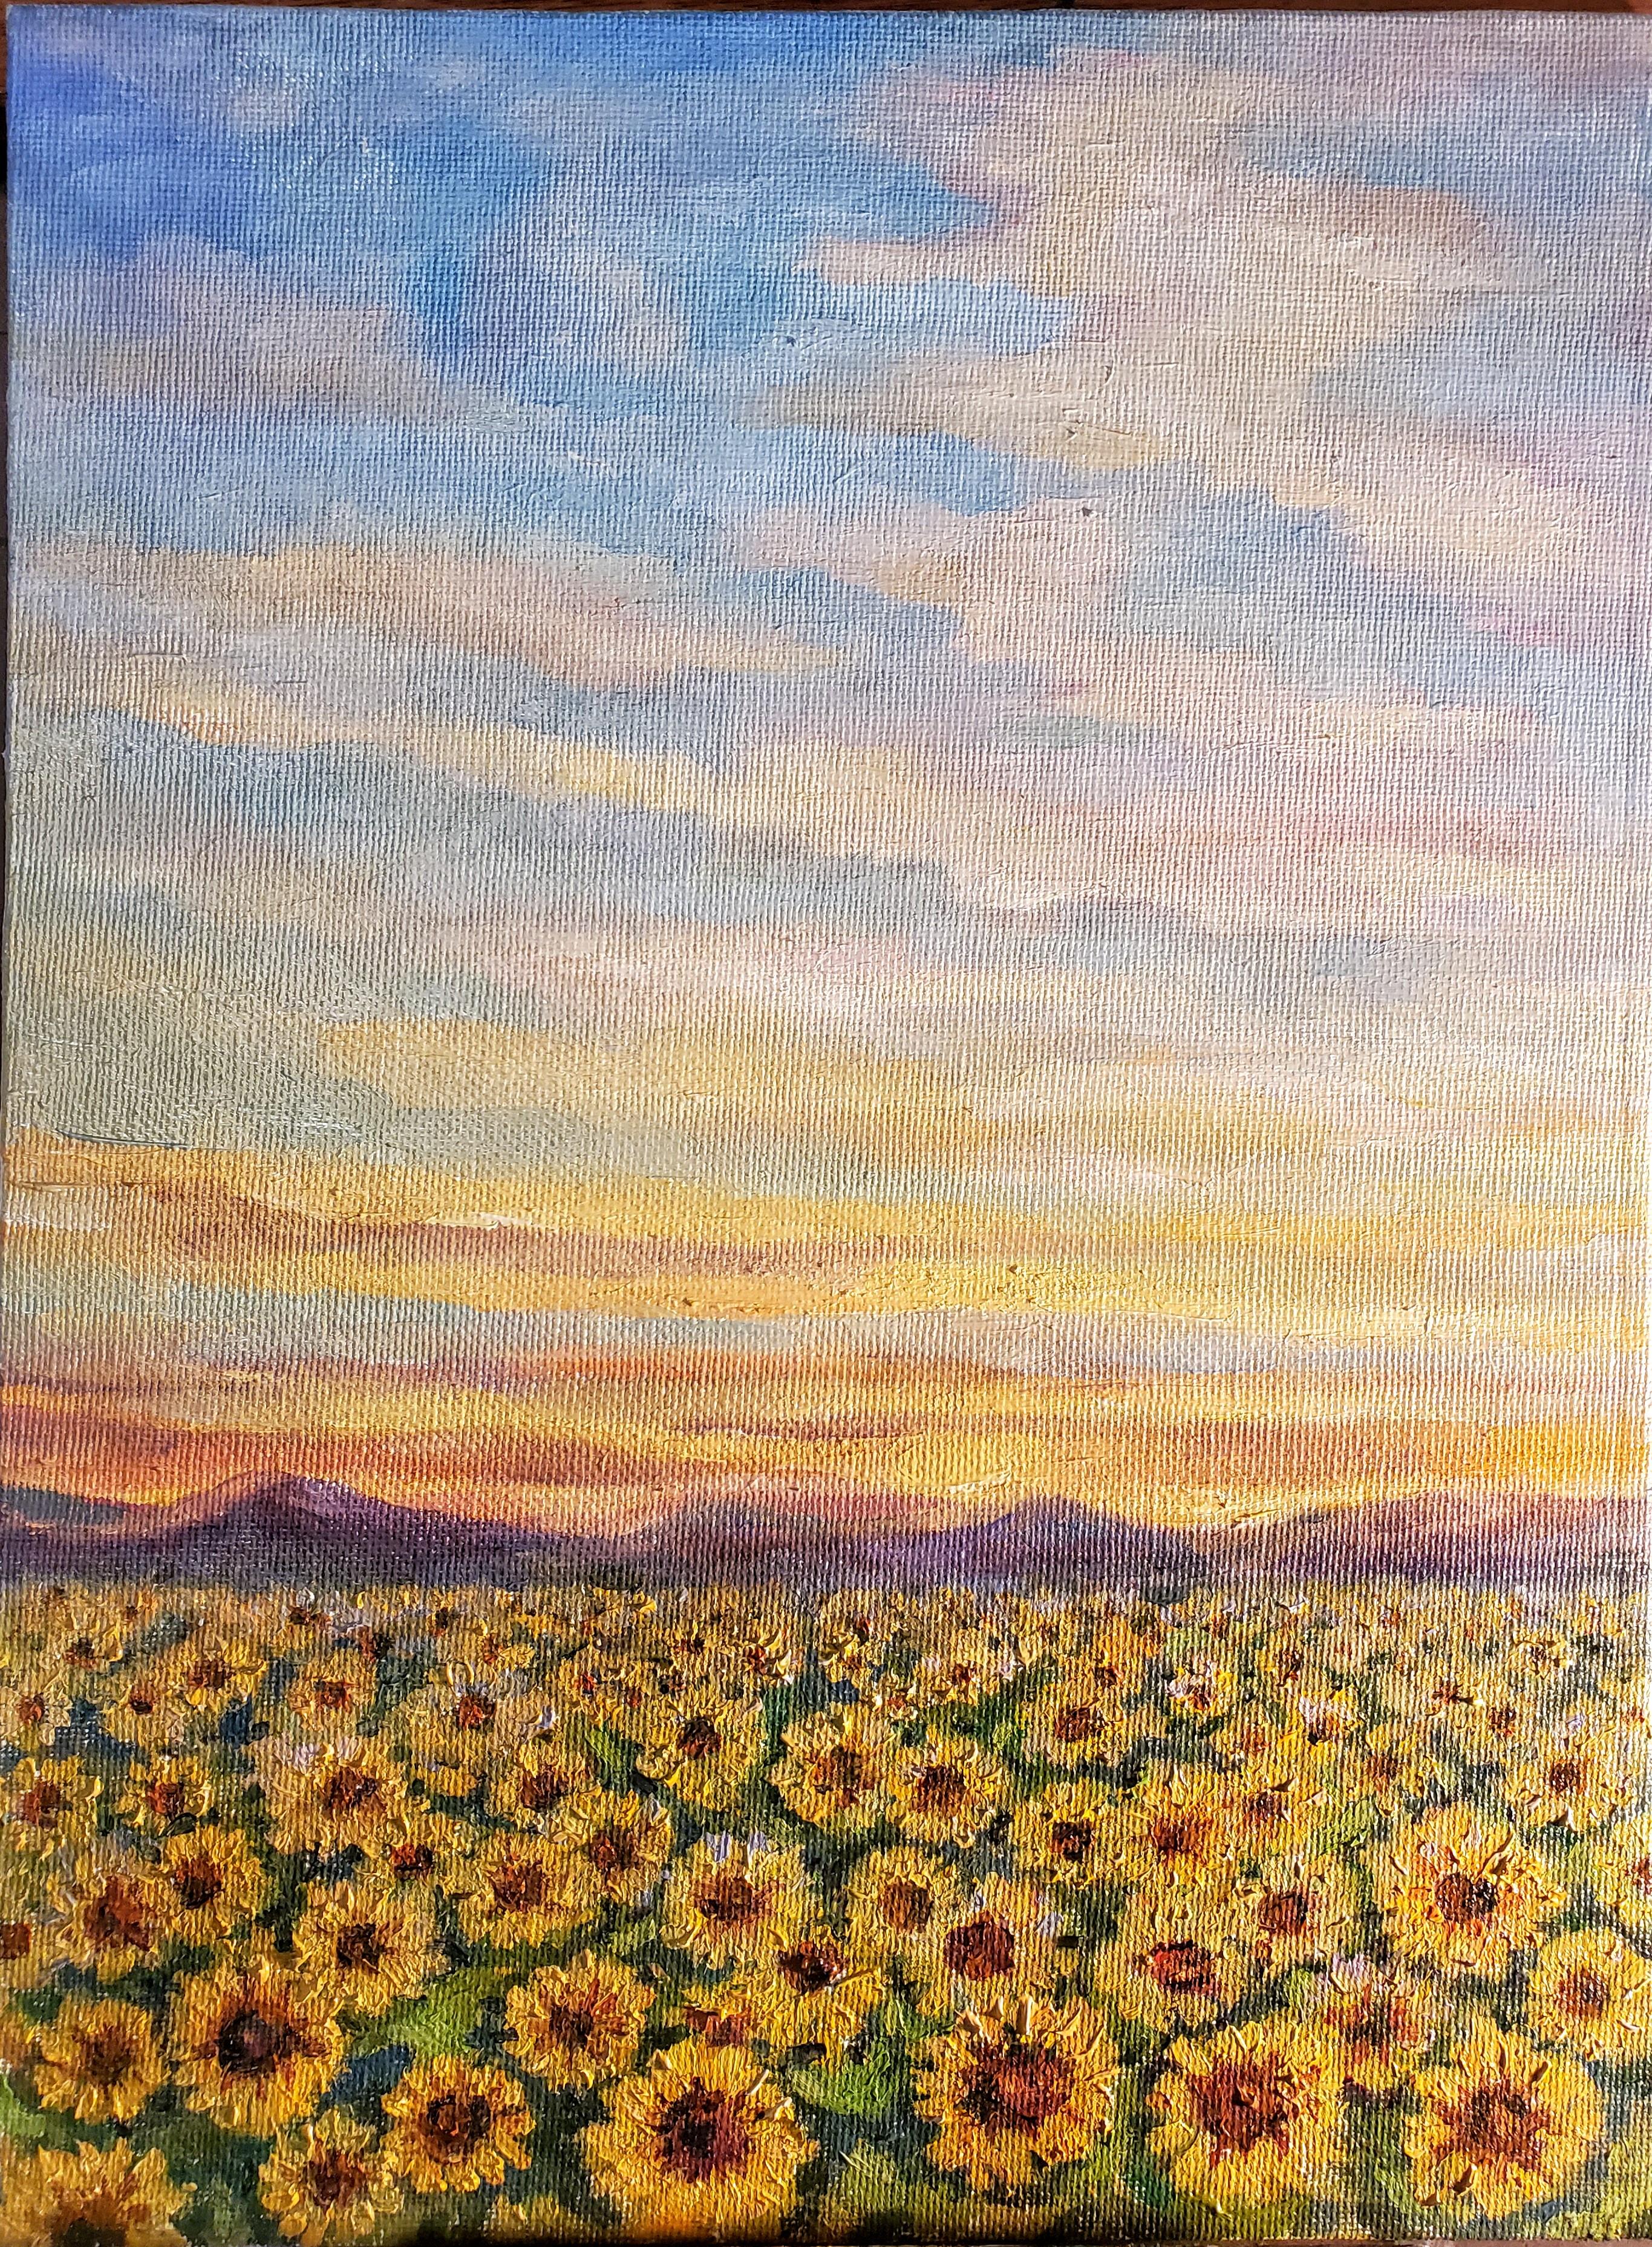 FieldwithSunflowersSummer12x9oiloncanvas